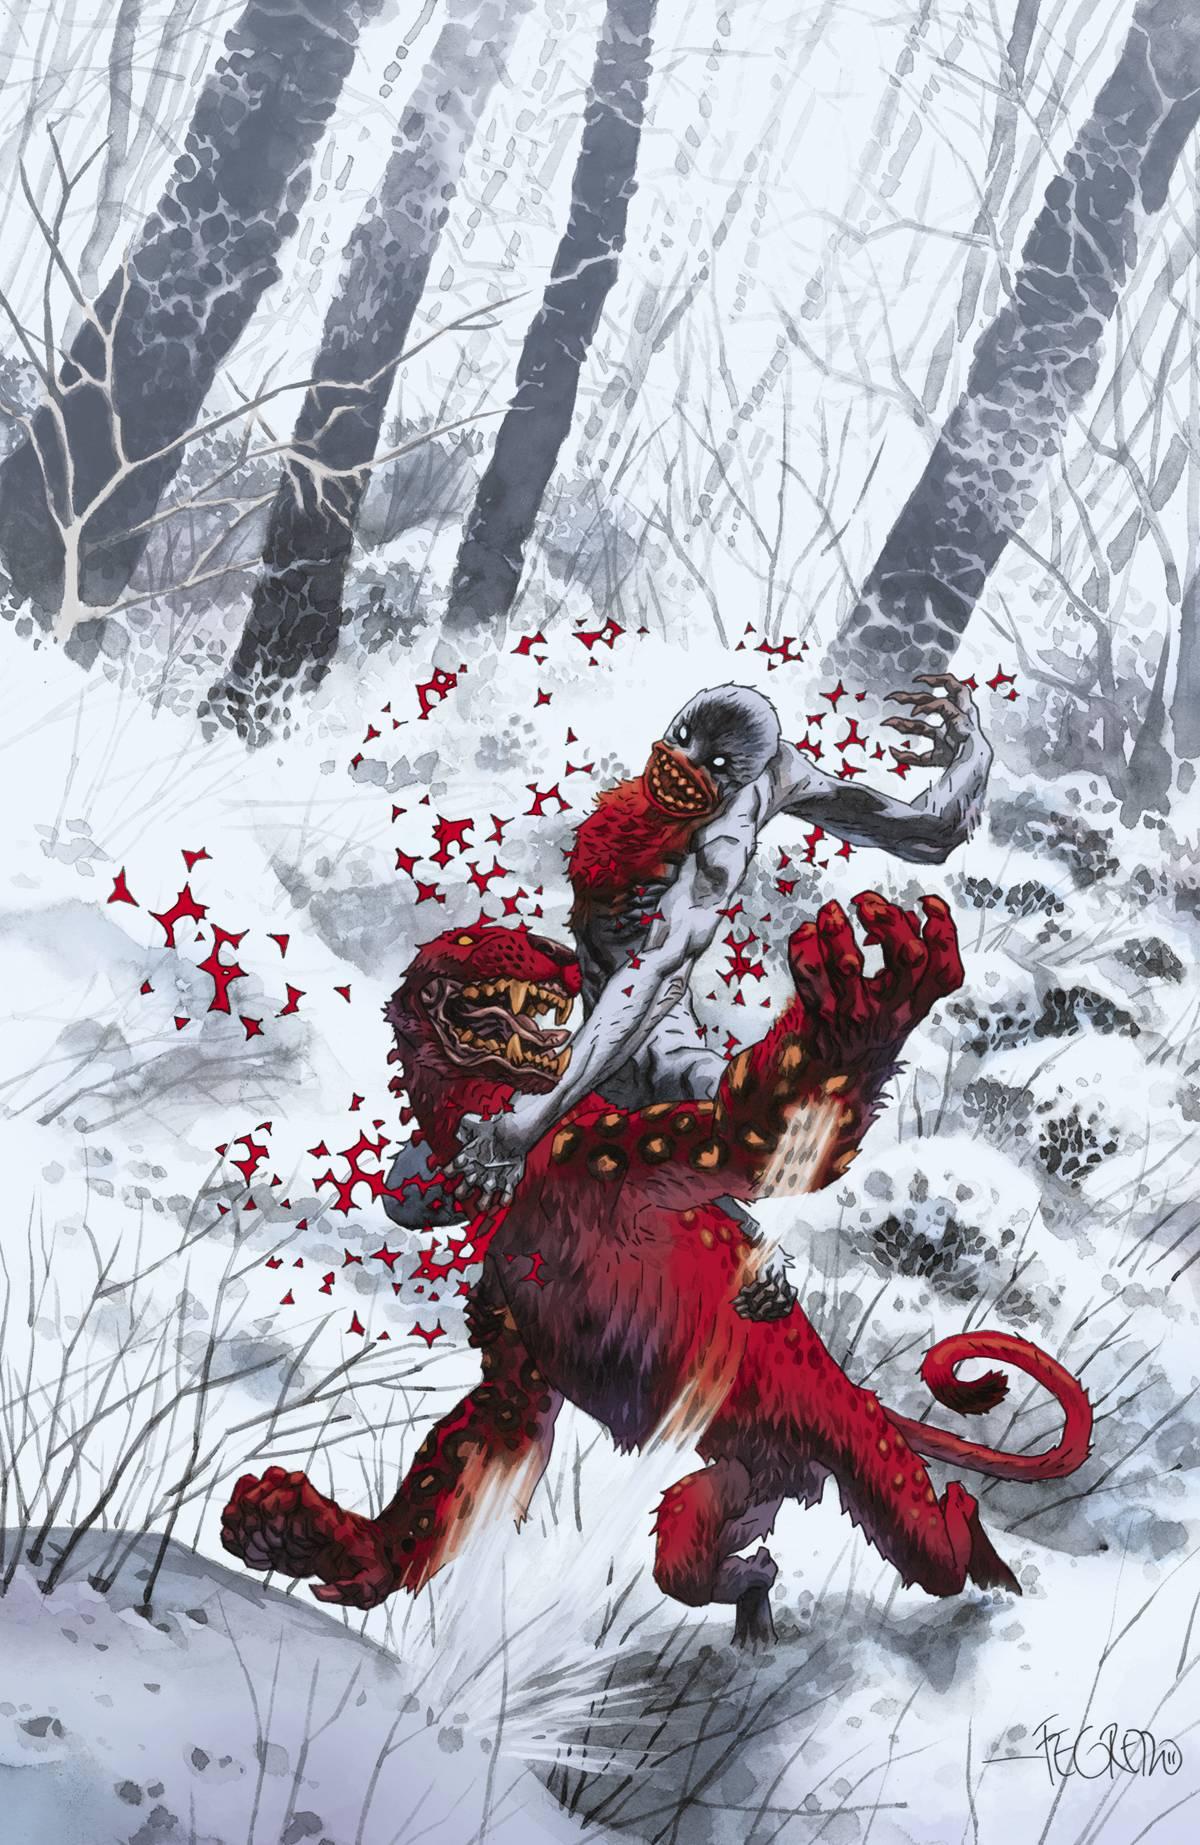 B.P.R.D. Hell on Earth: The Long Death #3 [89] (2012)